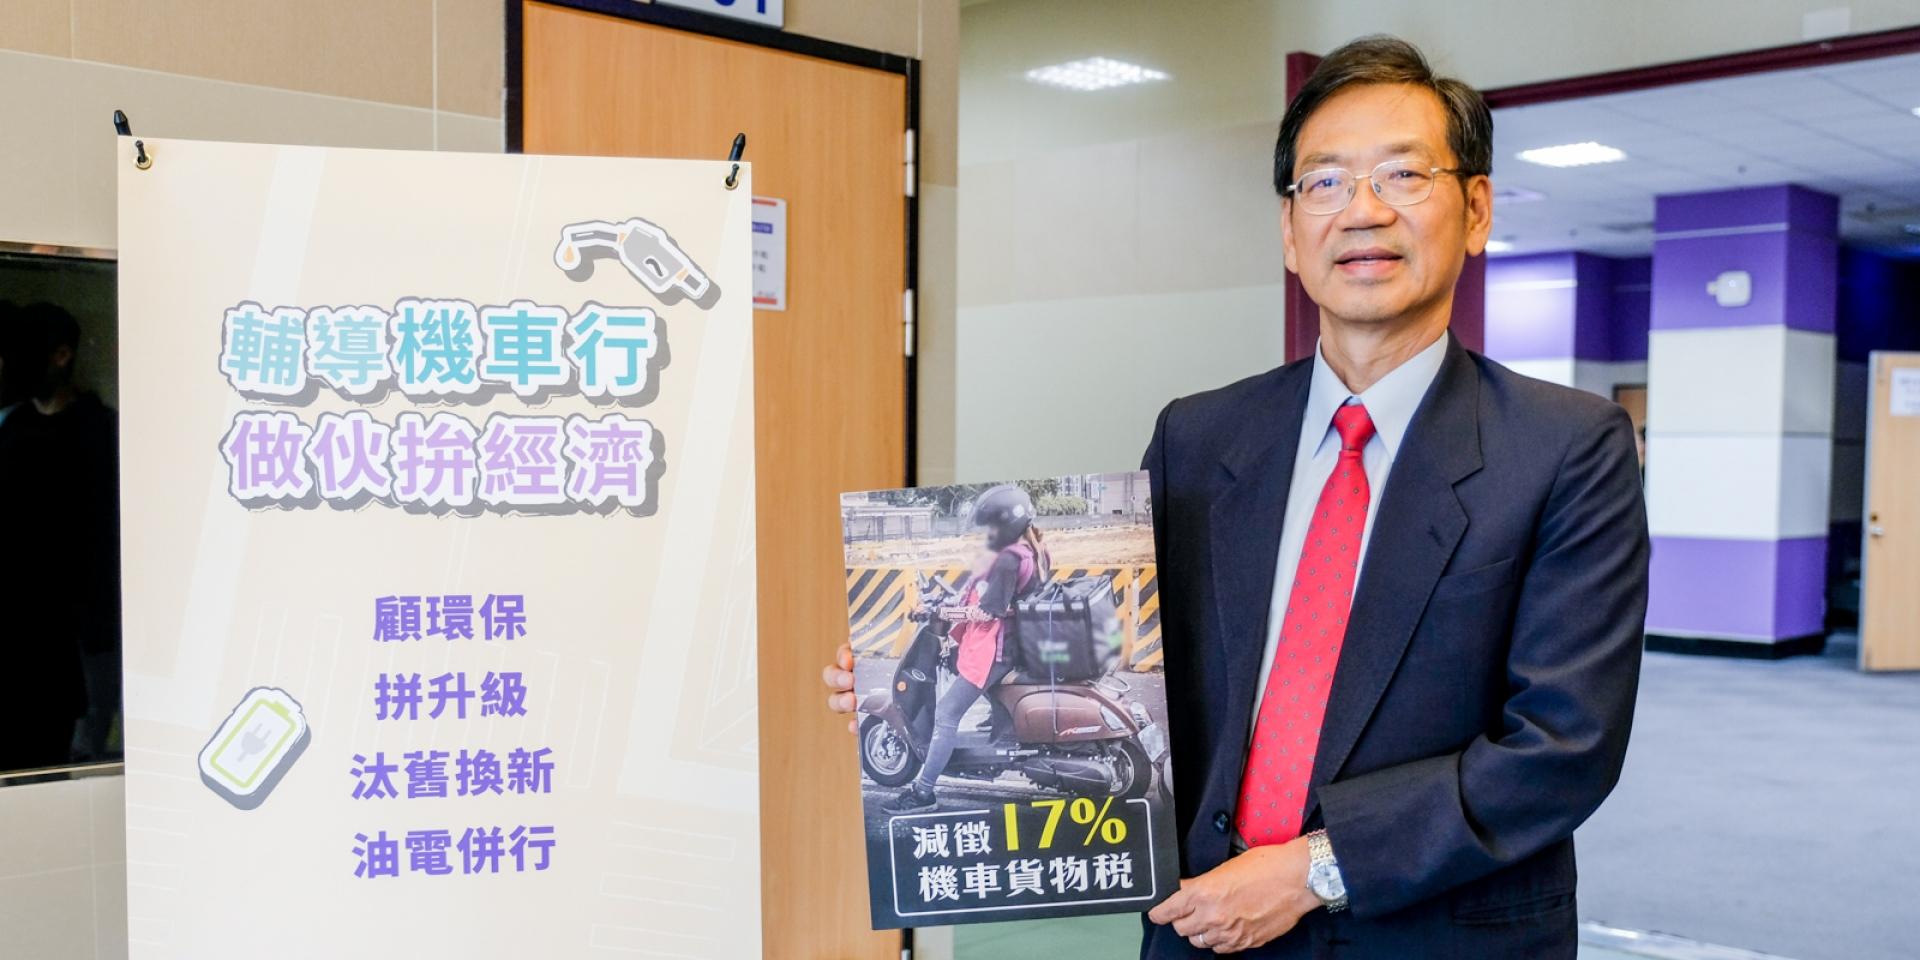 2020政府改推油電並行,光陽執行長柯俊斌:「盼17%貨物稅減免,讓國內新車售價下降!」